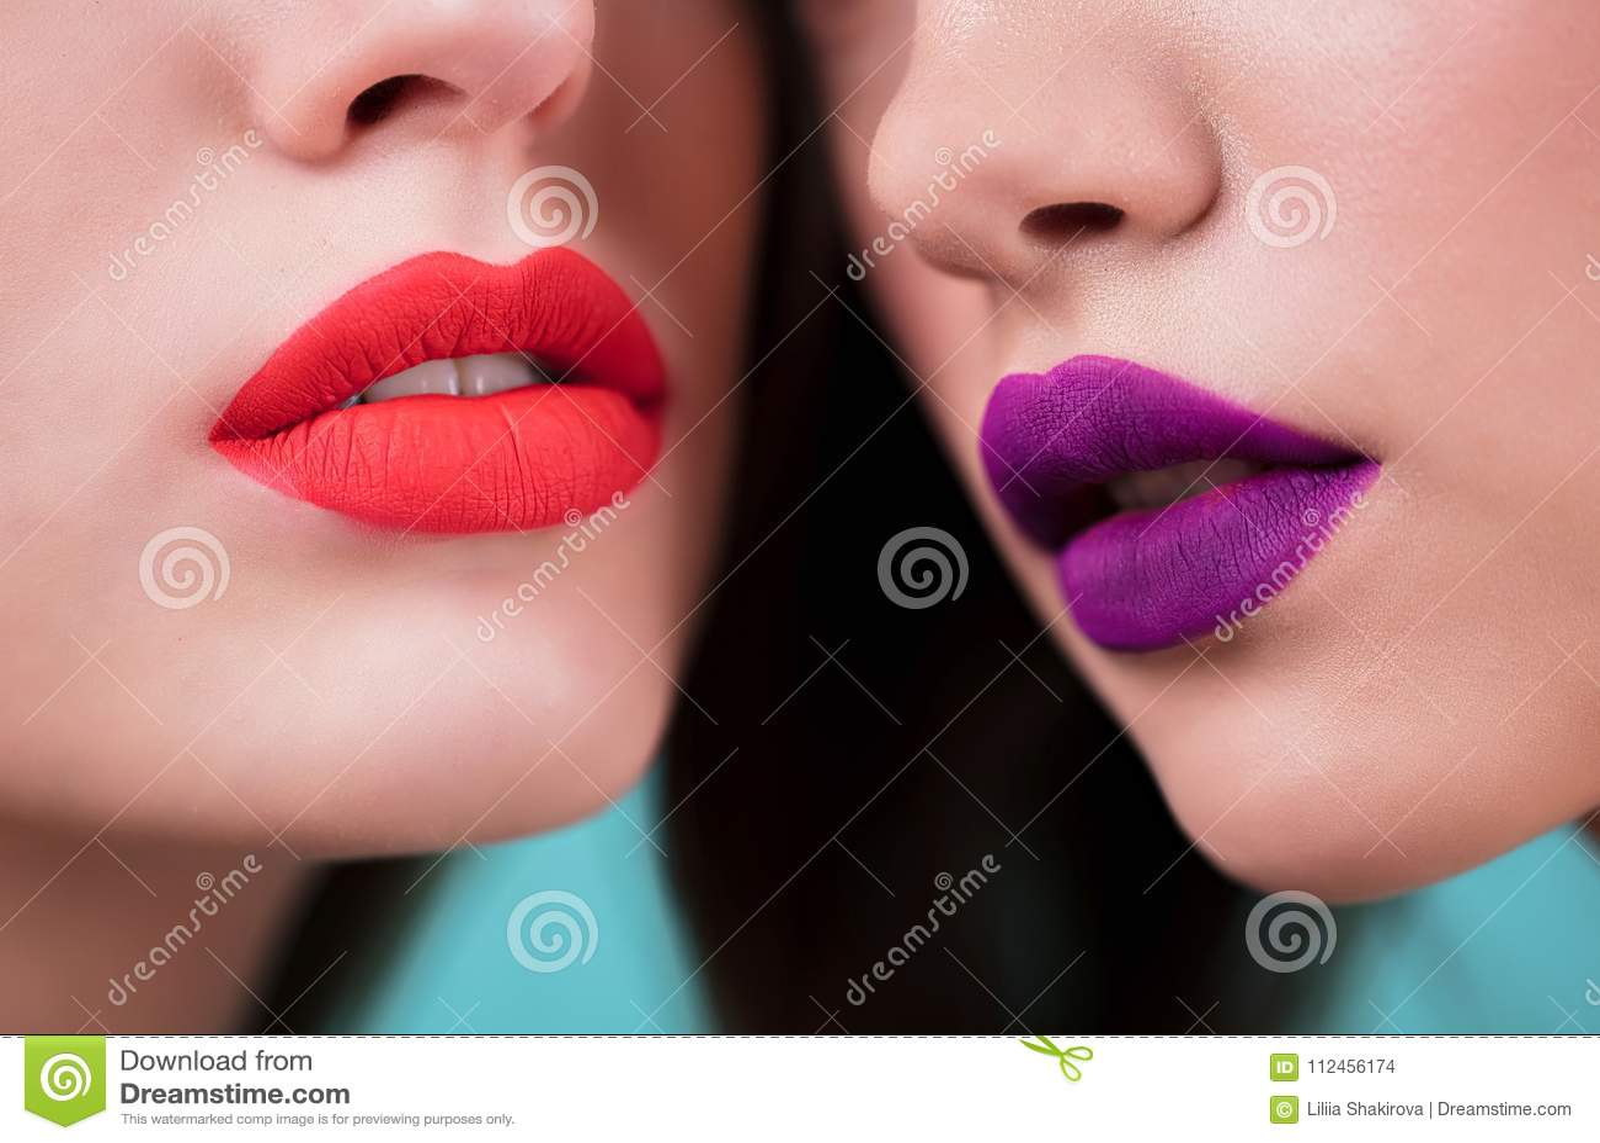 Sluit omhoog van rode en purpere lippen van twee vrouwen Schoonheidsmiddelen, make-up, lippenstift, lipgloss, gezichtszorg